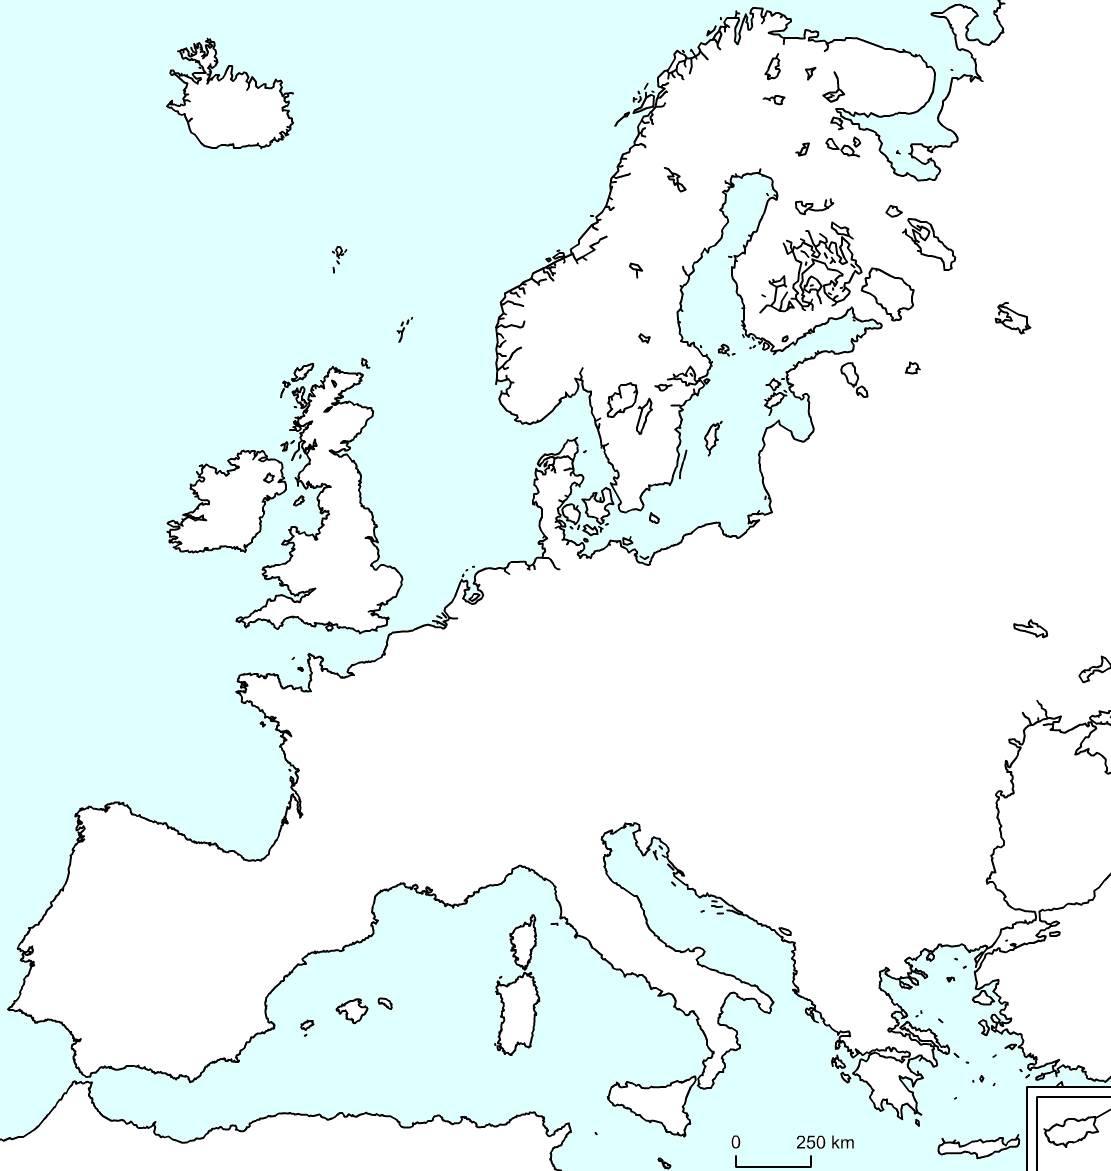 Geographie Et Histoire Au Cp, Ce1, Ce2, Cm1, Cm2 dedans Carte De France Ce1